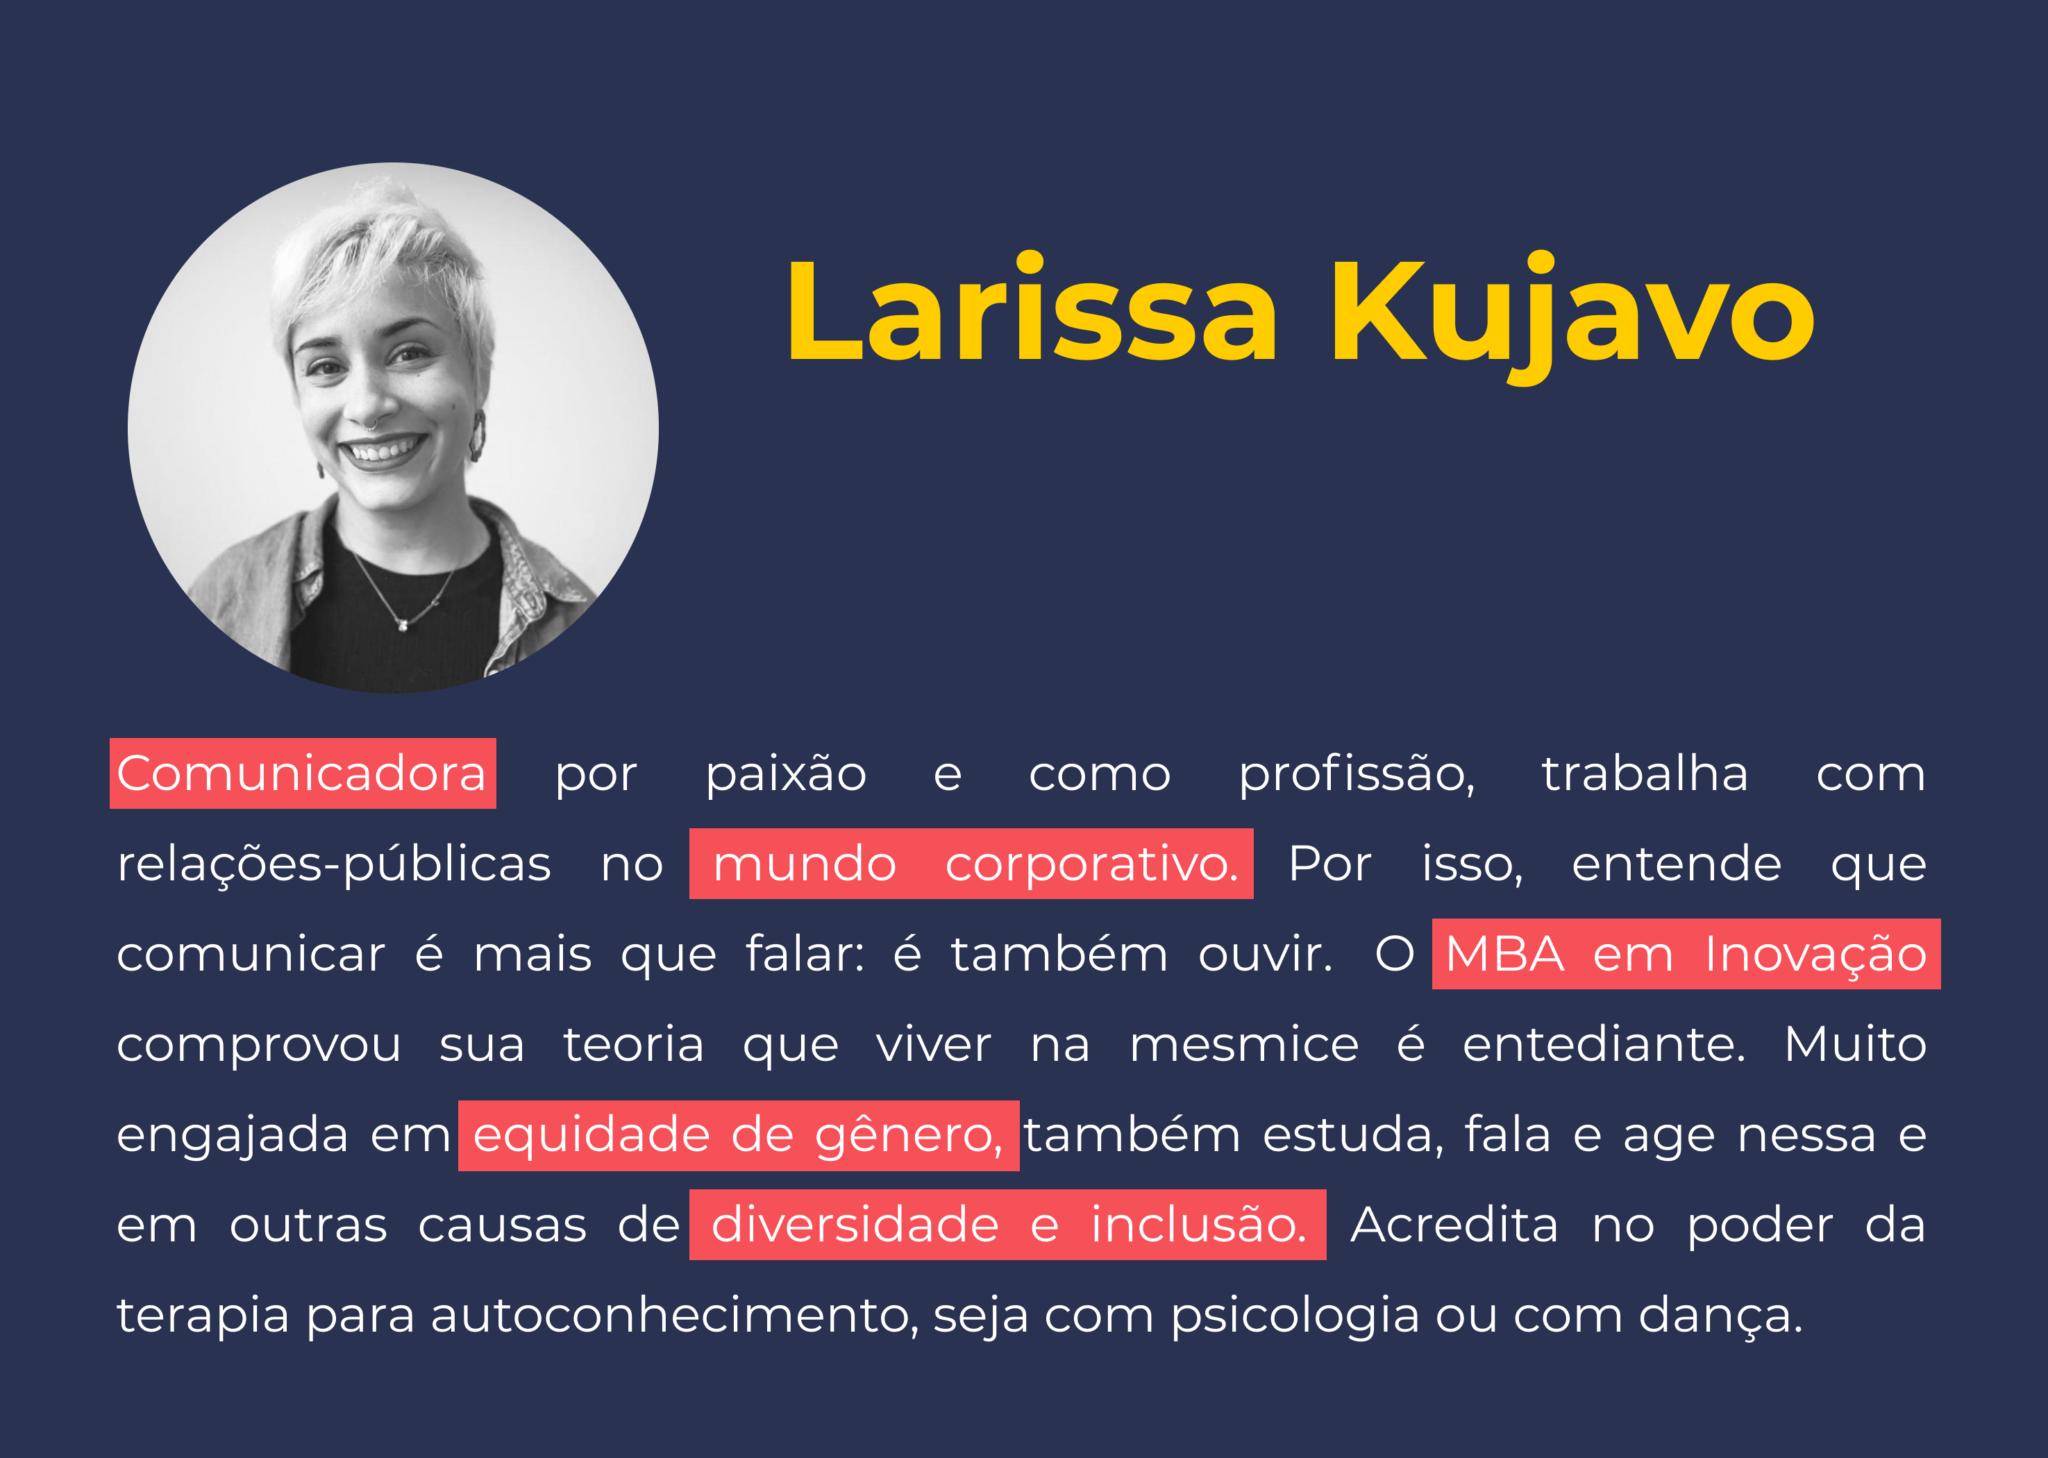 Larissa Kujavo_minibio